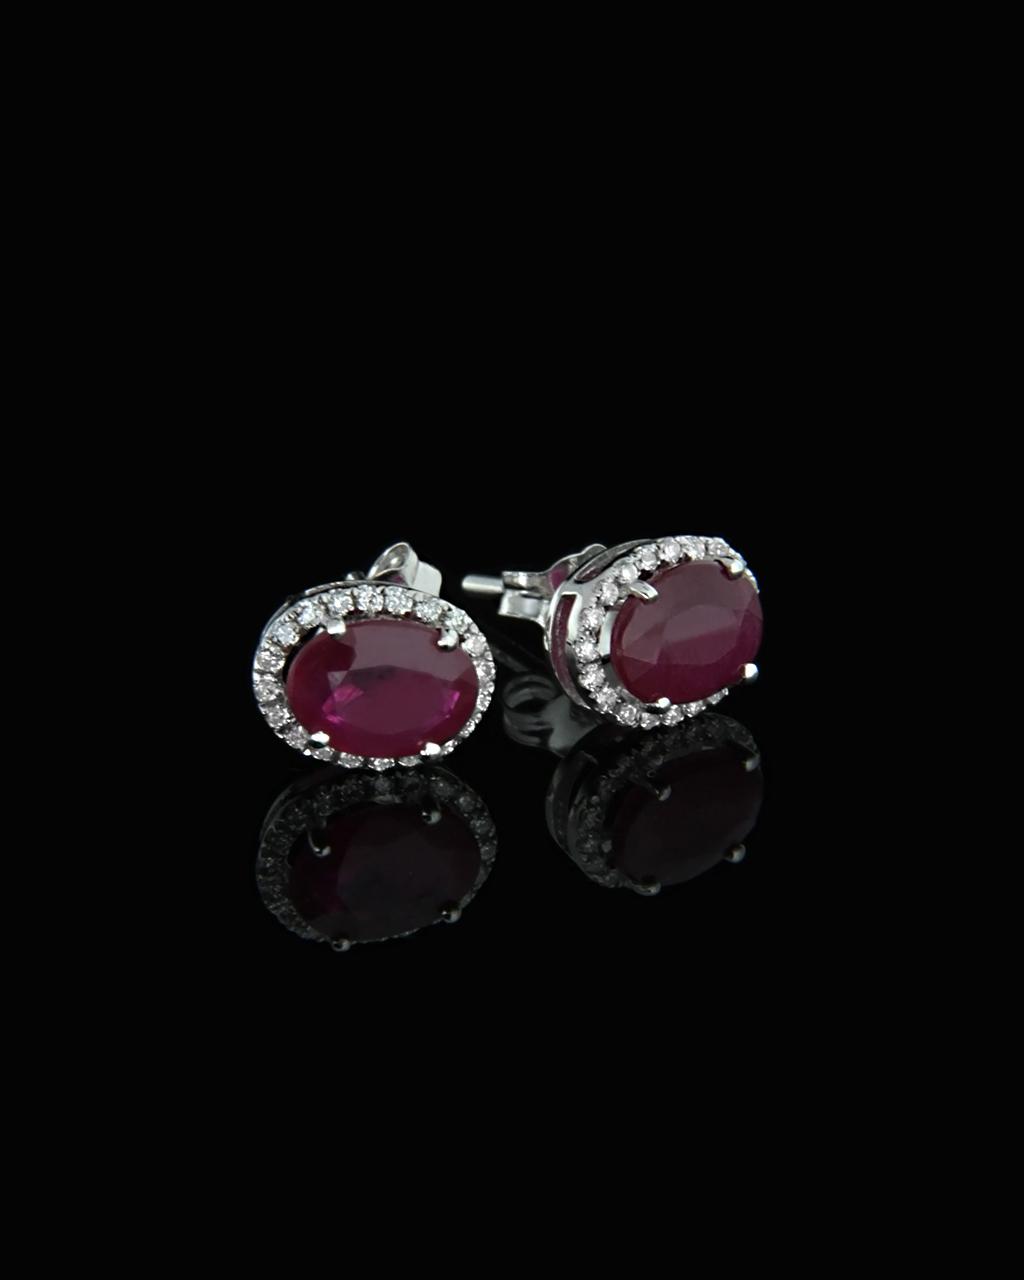 Σκουλαρίκια λευκόχρυσα Κ18 με Διαμάντια & Ρουμπίνια   γυναικα σκουλαρίκια σκουλαρίκια με διαμάντια